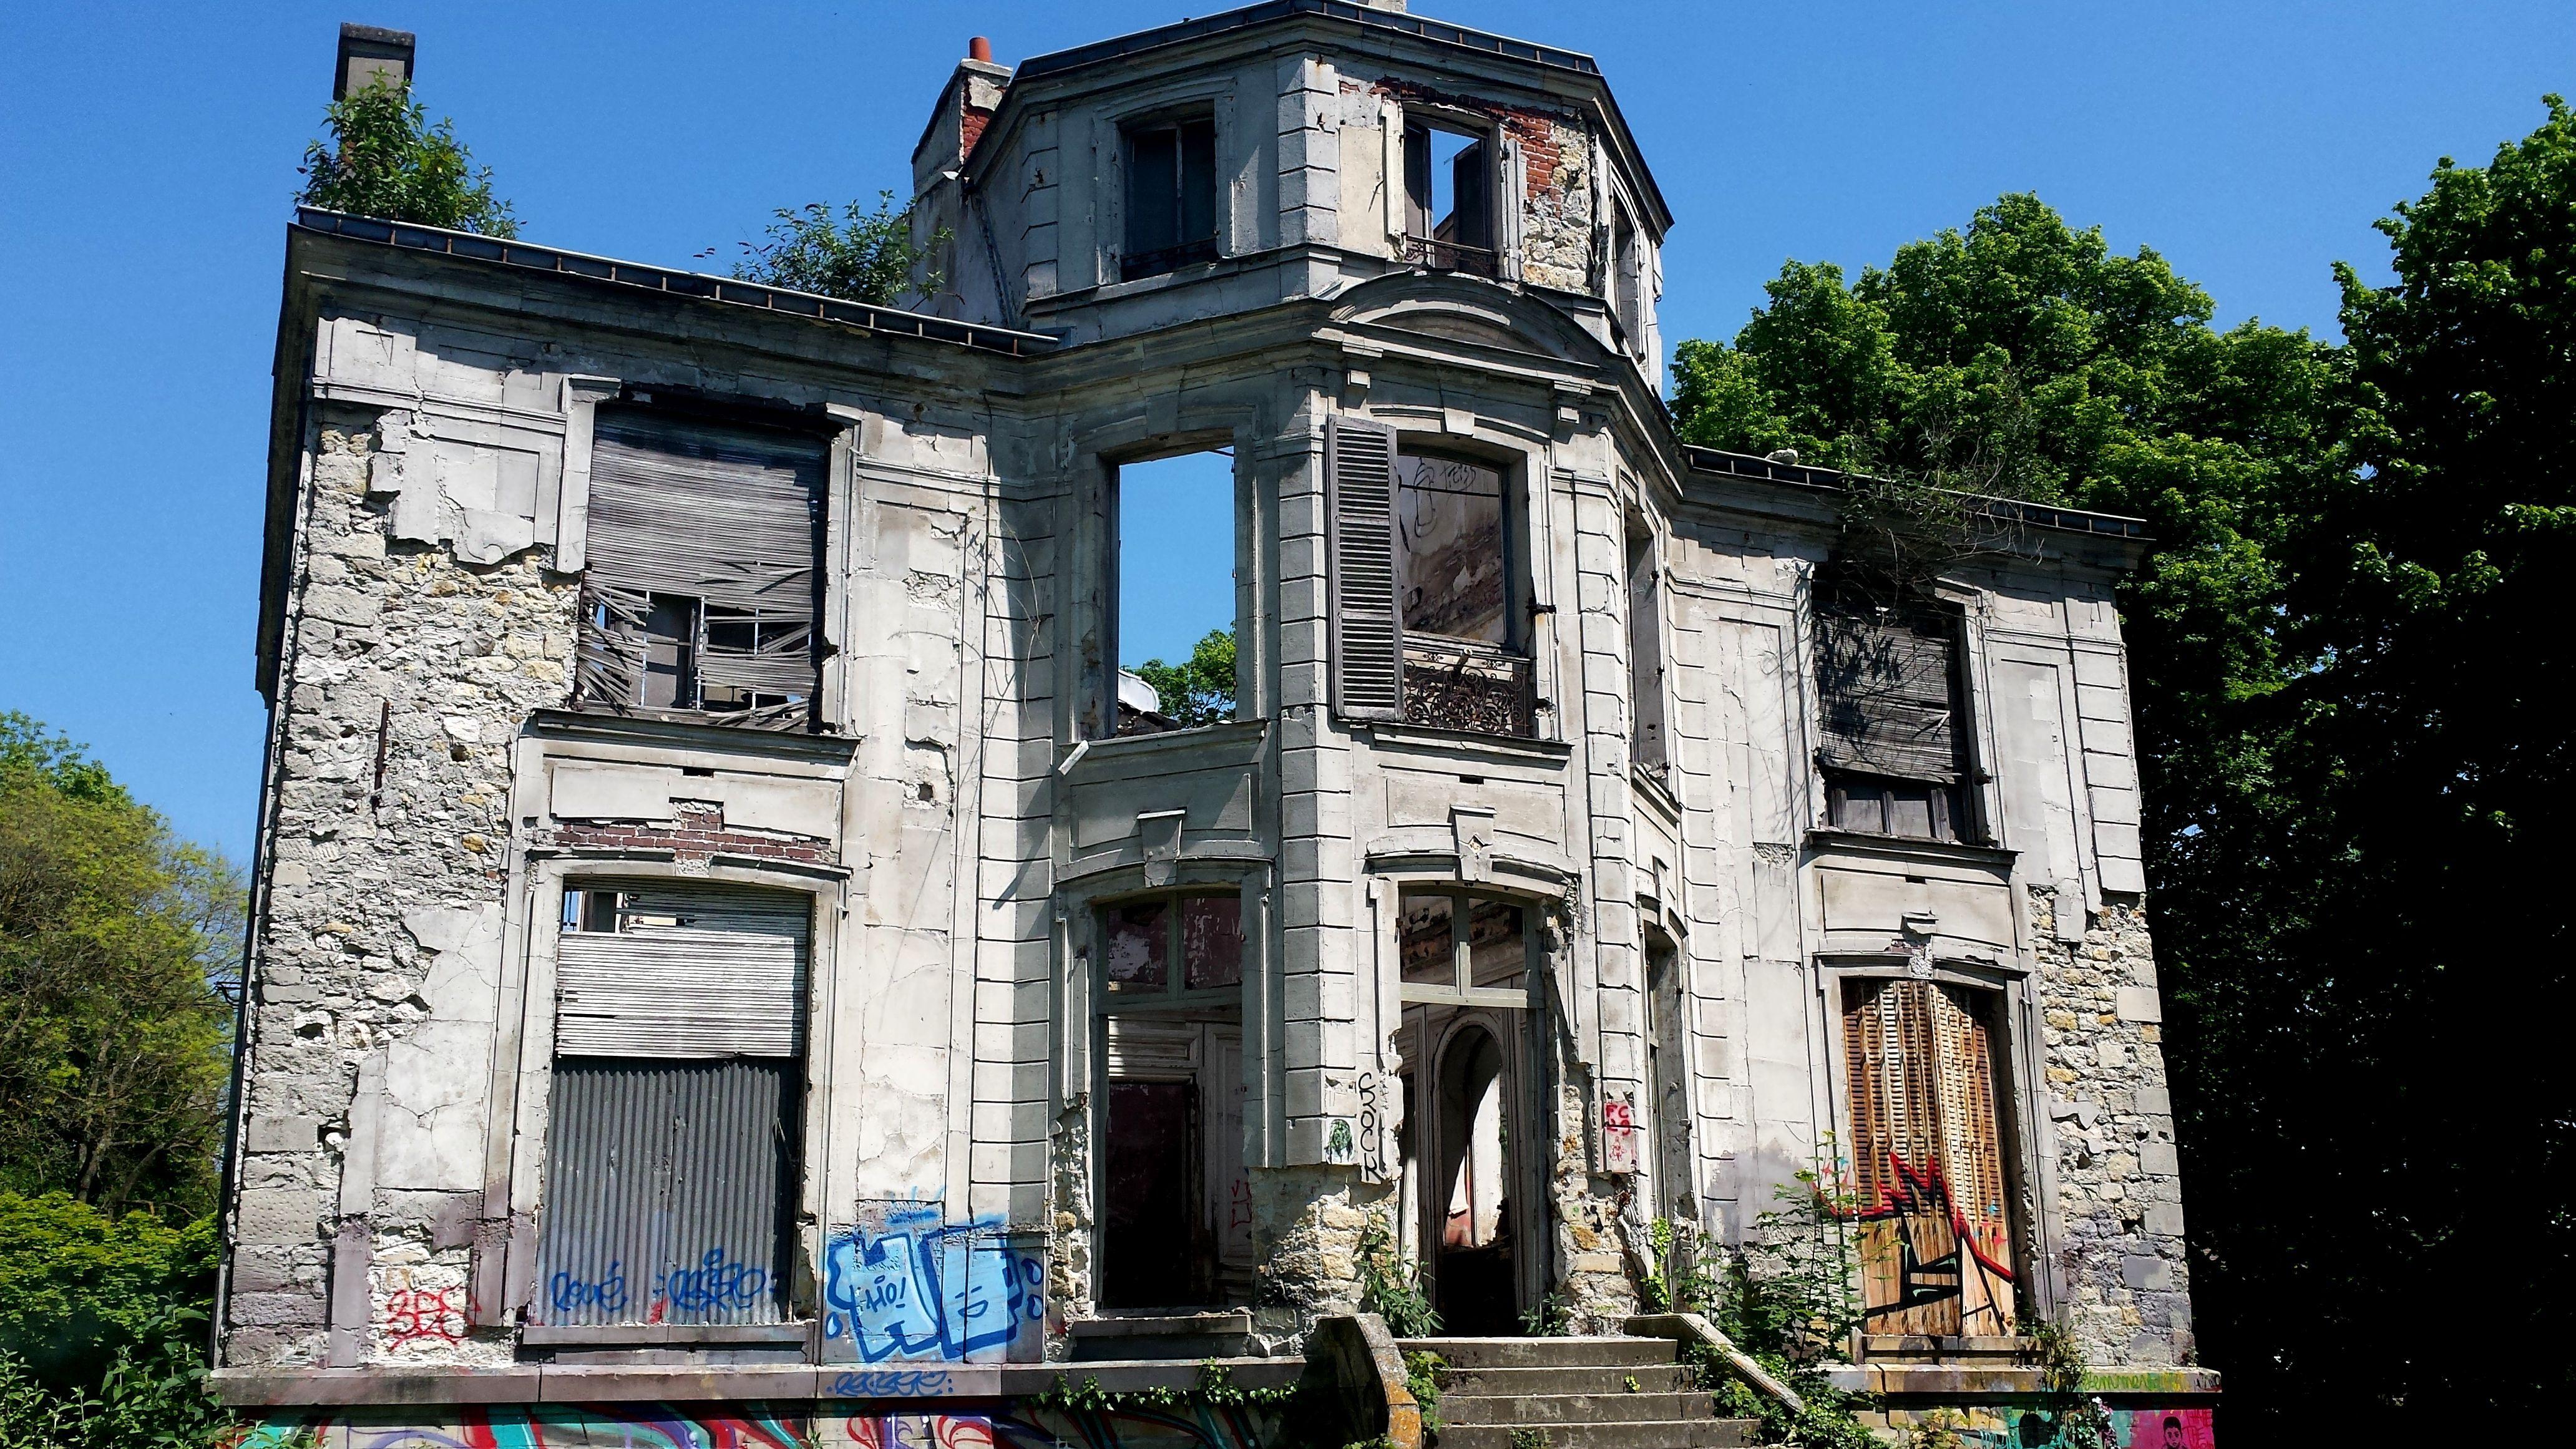 Goussainville Vieux Pays France Abandoned places